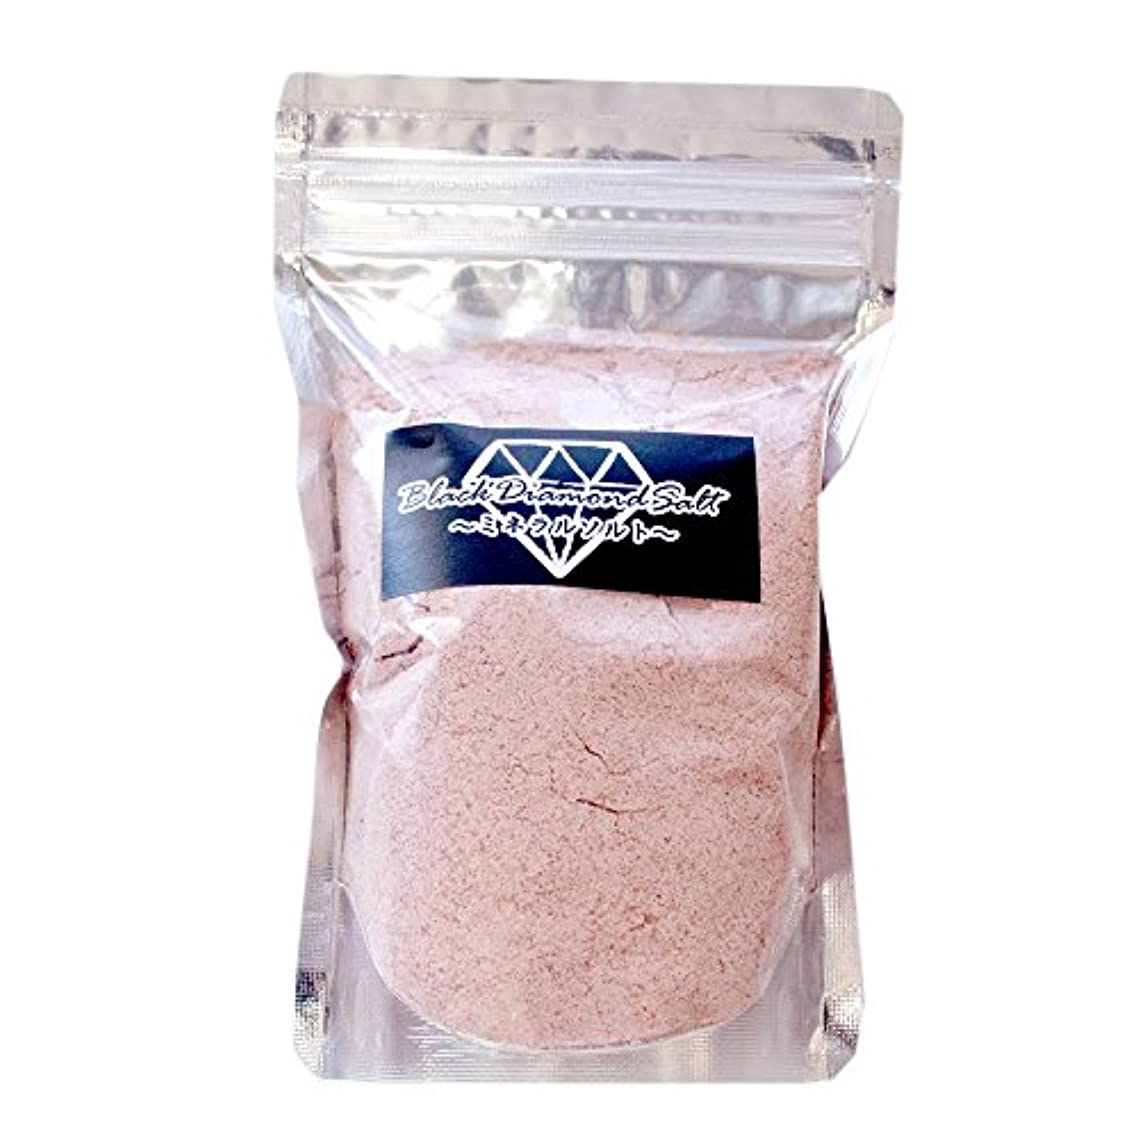 パイル支払う期待岩塩風呂 ブラックダイヤソルト岩塩400g(約13回分)